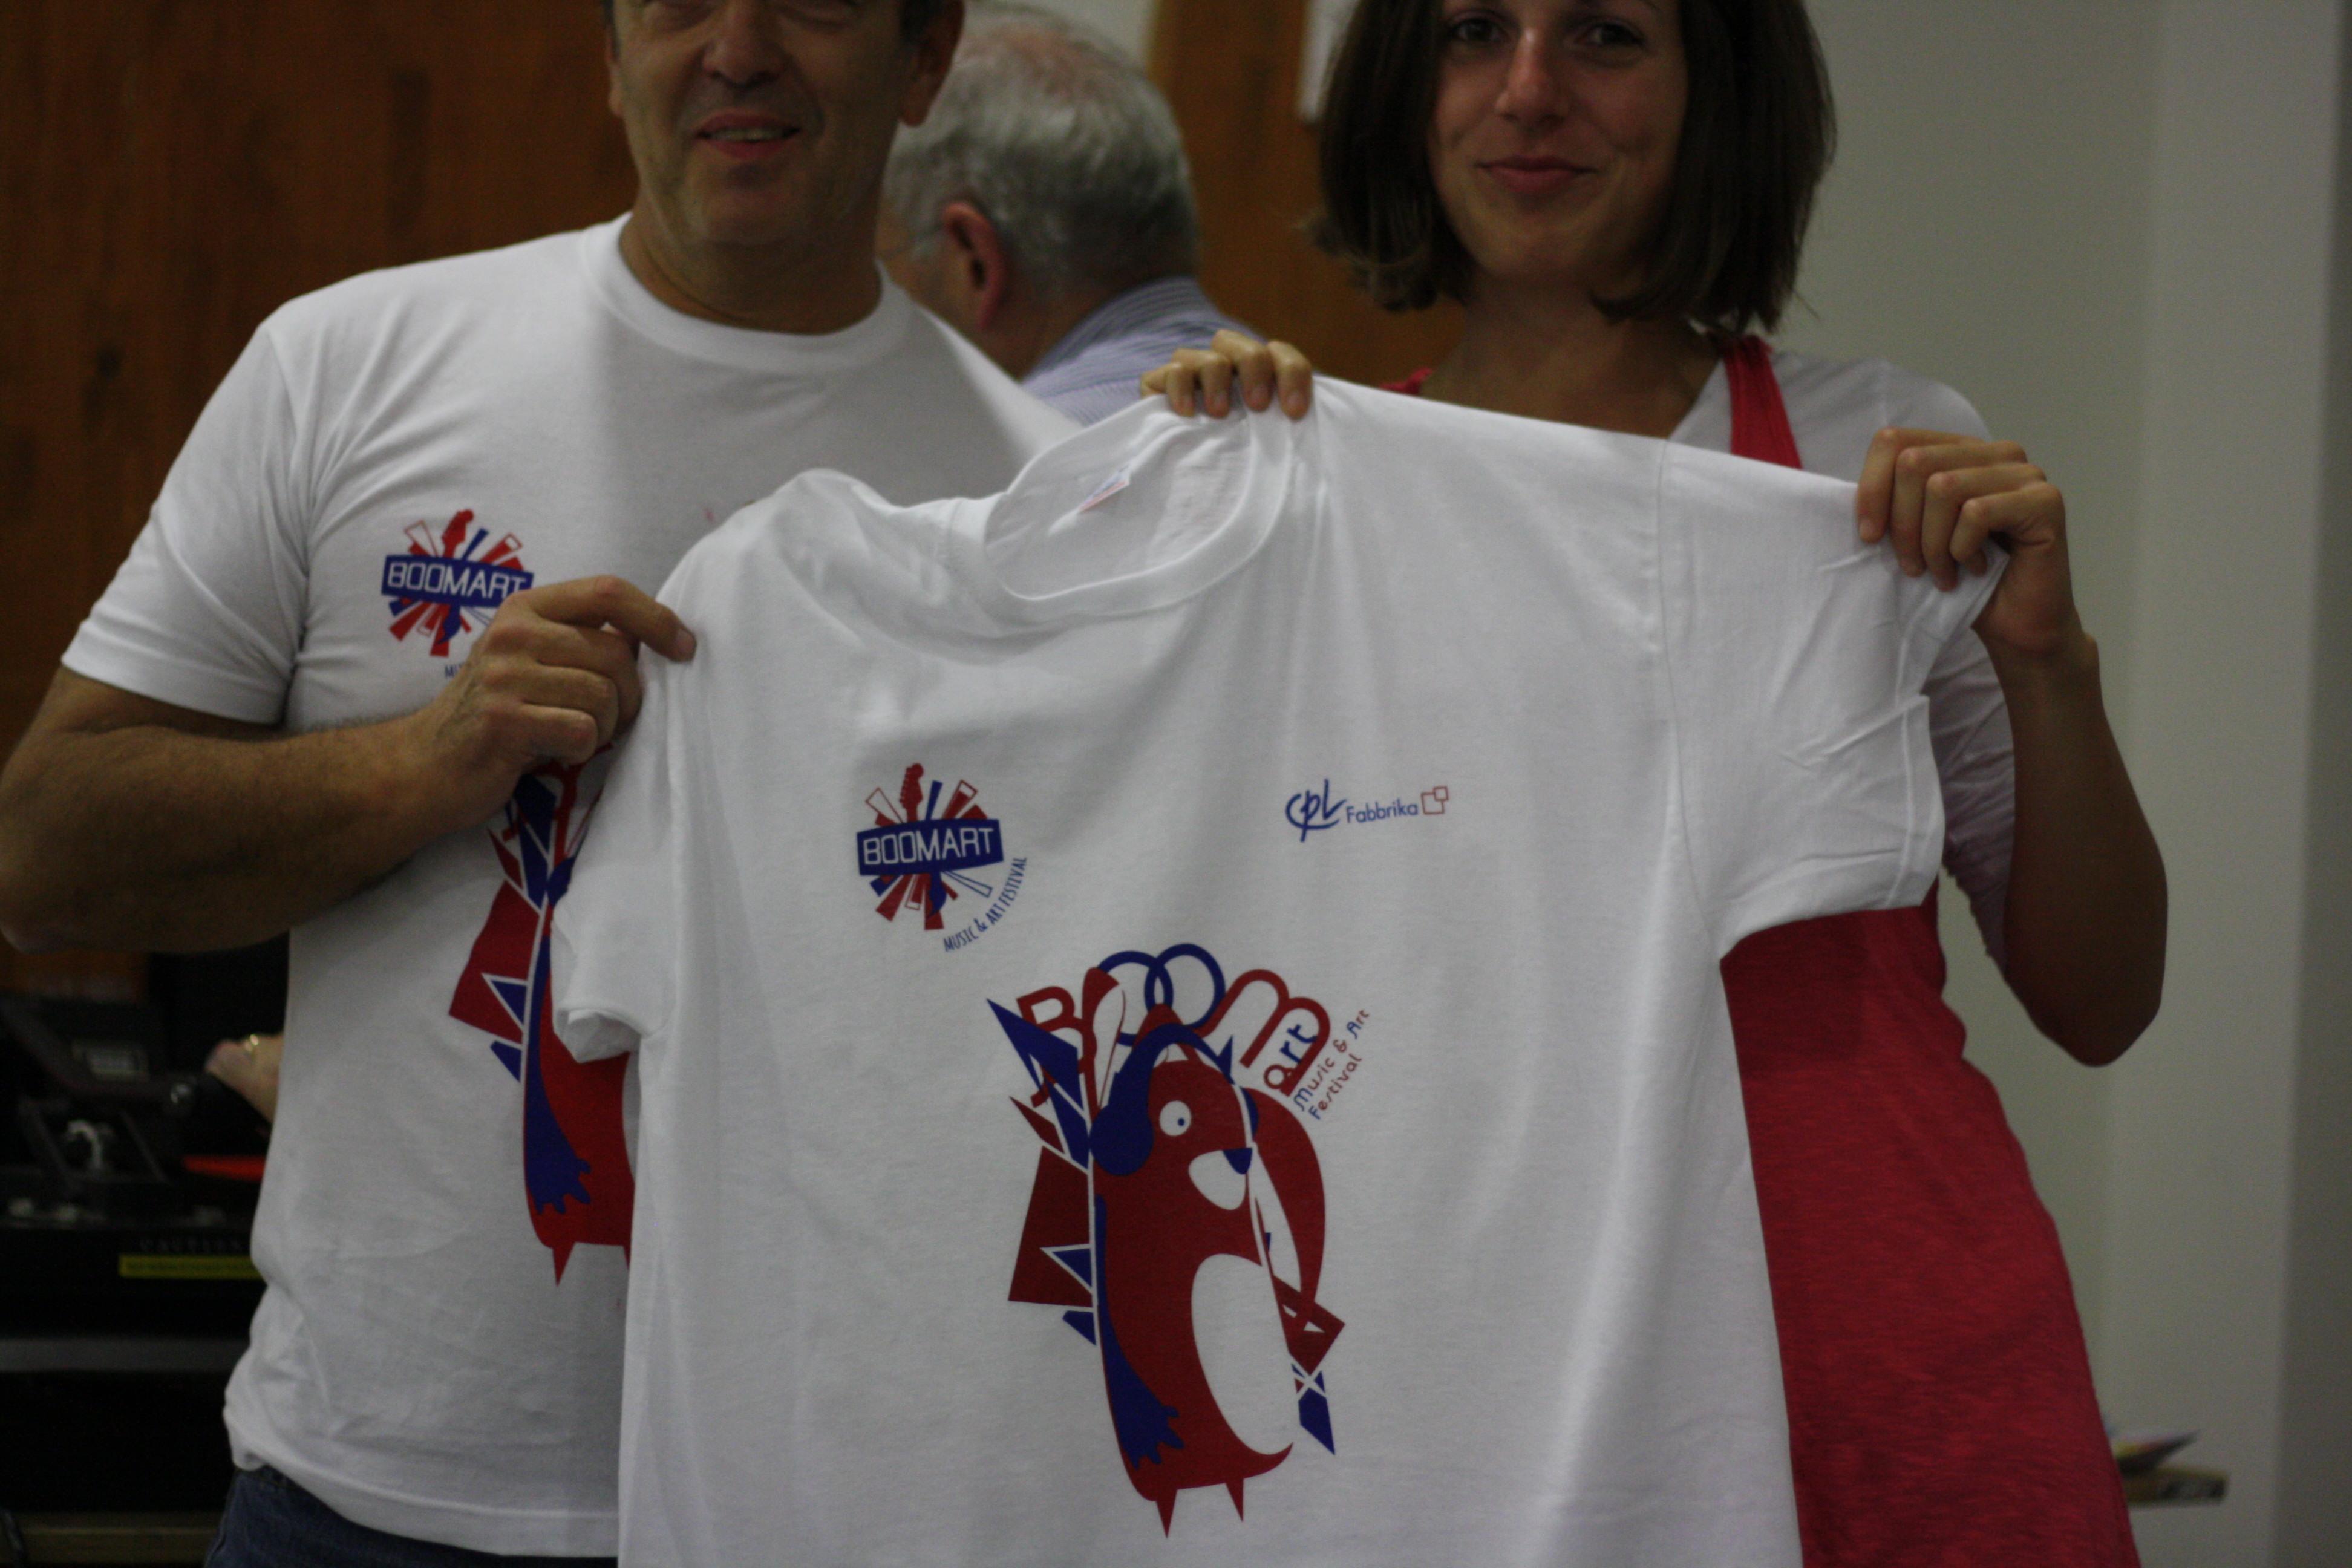 2 possibilità per stampare su t-shirt in serigrafia